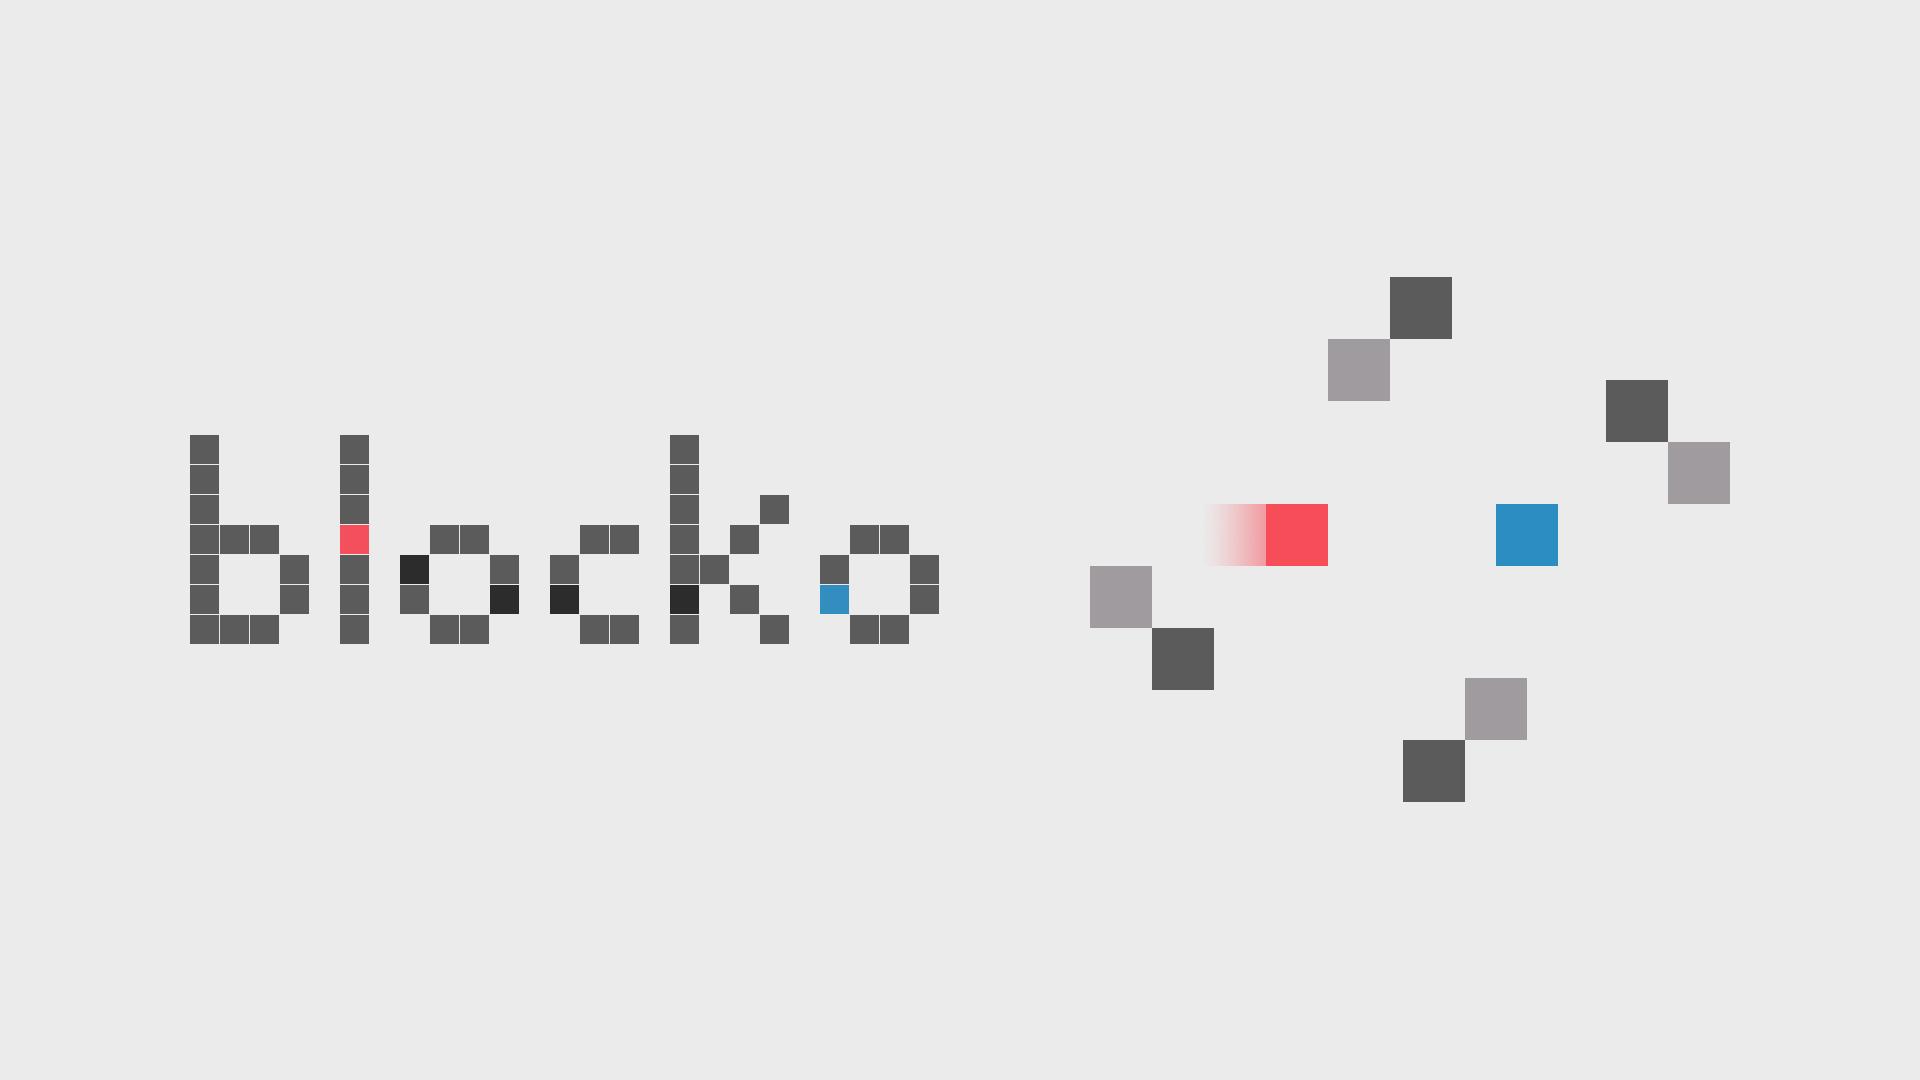 Tänane pakkumine App Store'is: Blocko., Lihtne tõlge, luks ja palju muud!